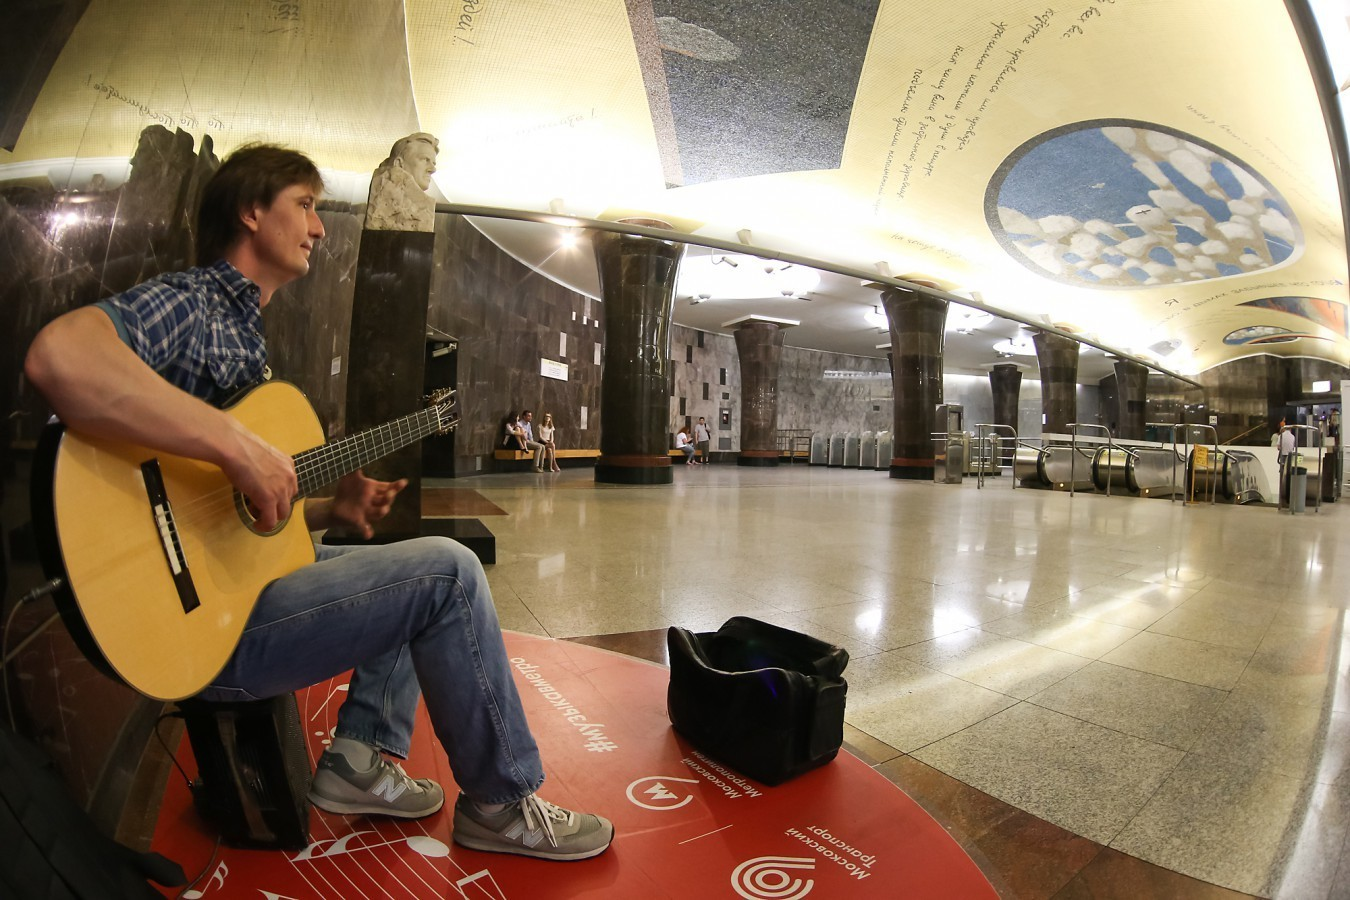 В центре Москвы стартовал новый этап Музыки в метро